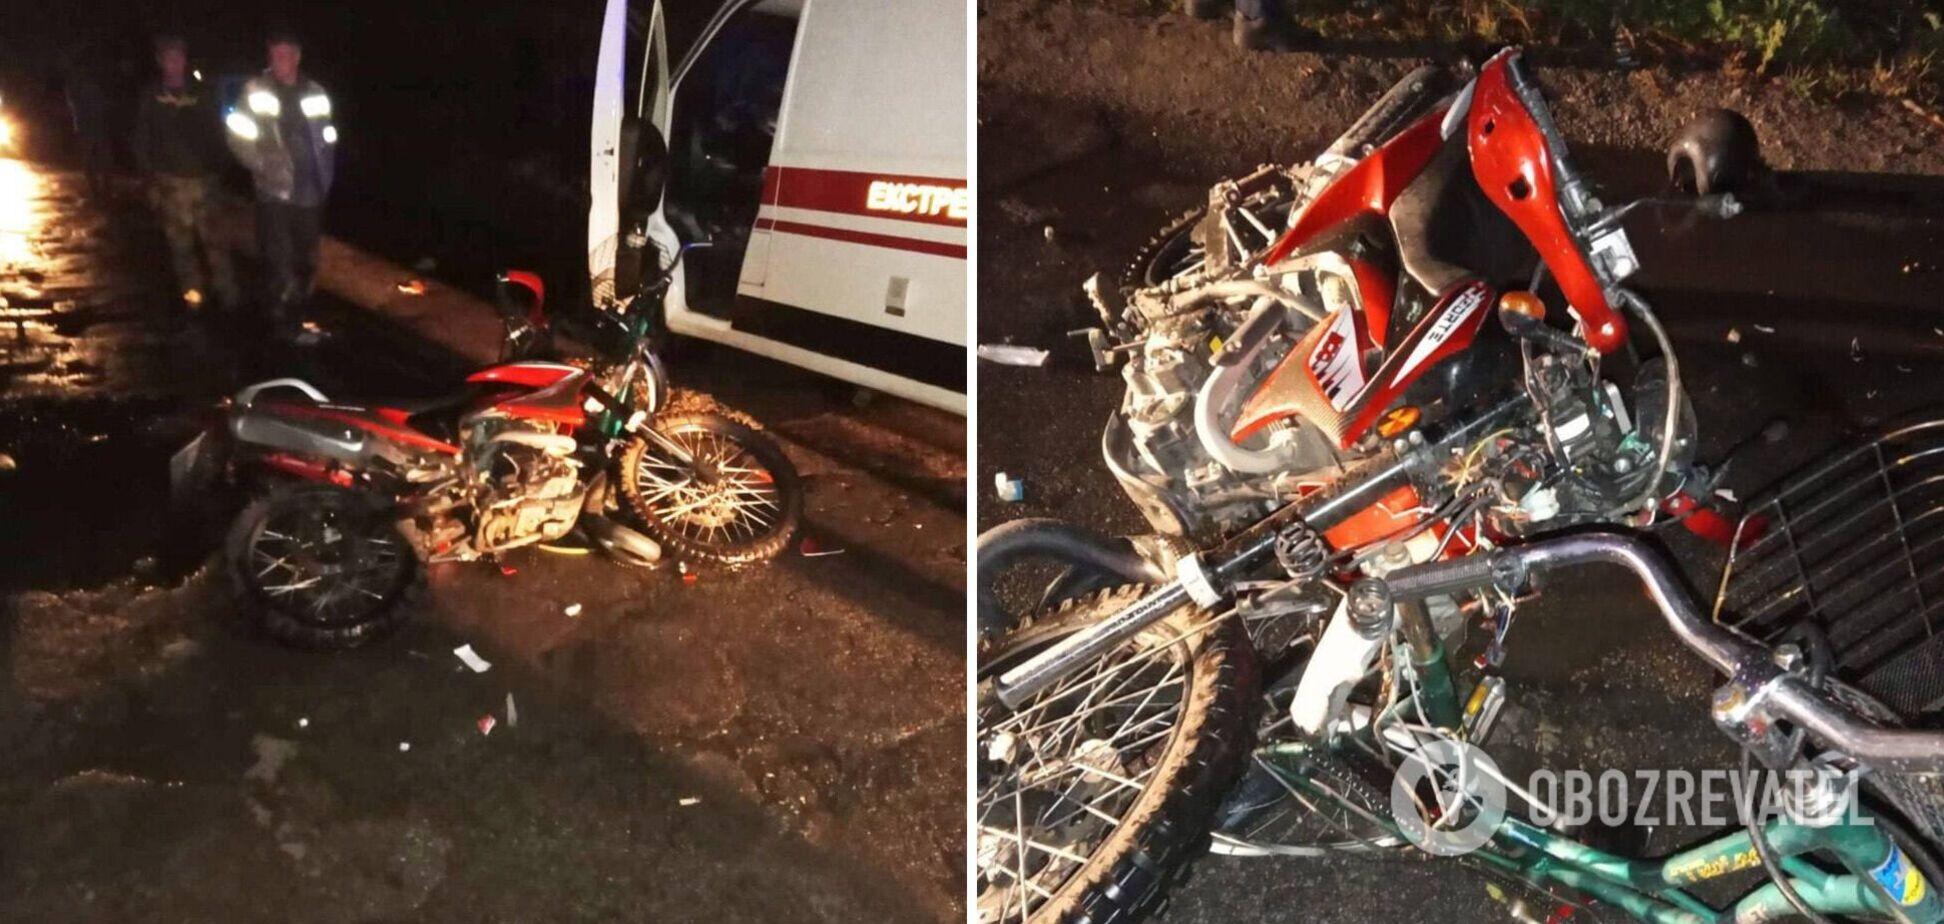 На Київщині 16-річний мотоцикліст збив велосипедистку: жінка померла в лікарні. Фото